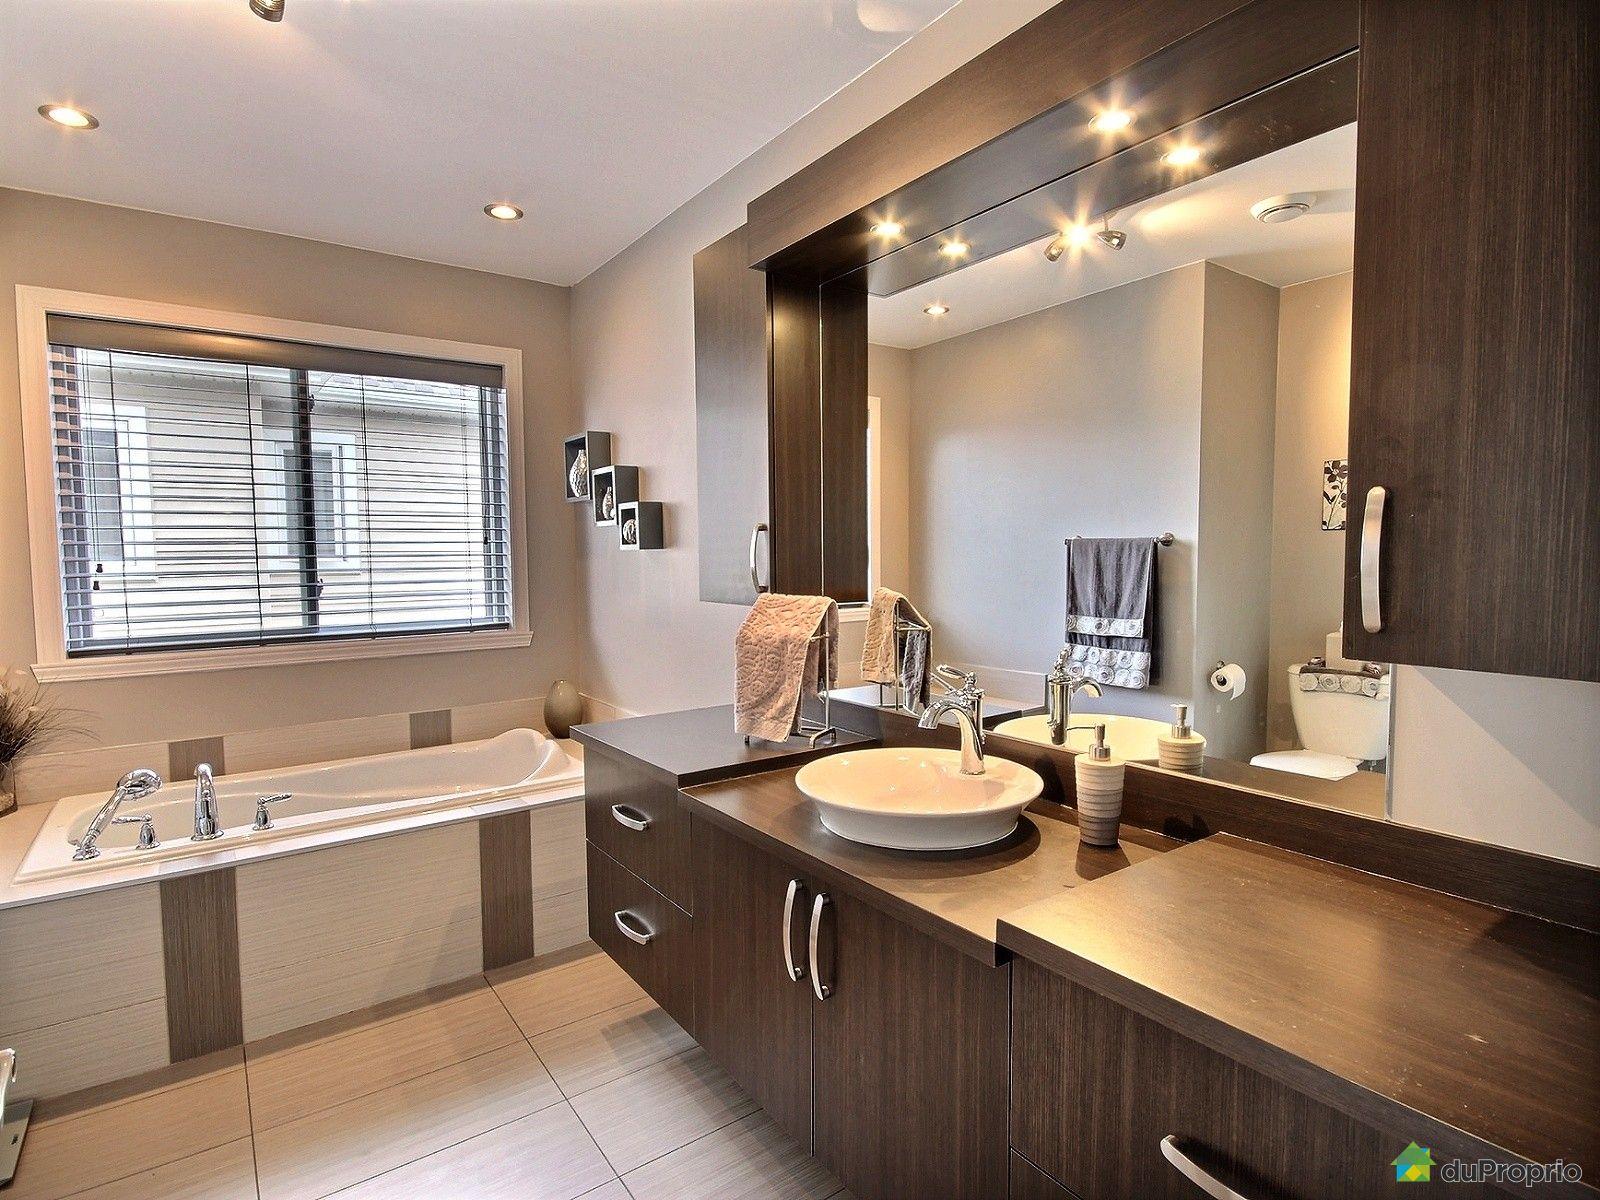 maison vendre st j r me 1626 avenue du rochechouart immobilier qu bec duproprio 699692. Black Bedroom Furniture Sets. Home Design Ideas